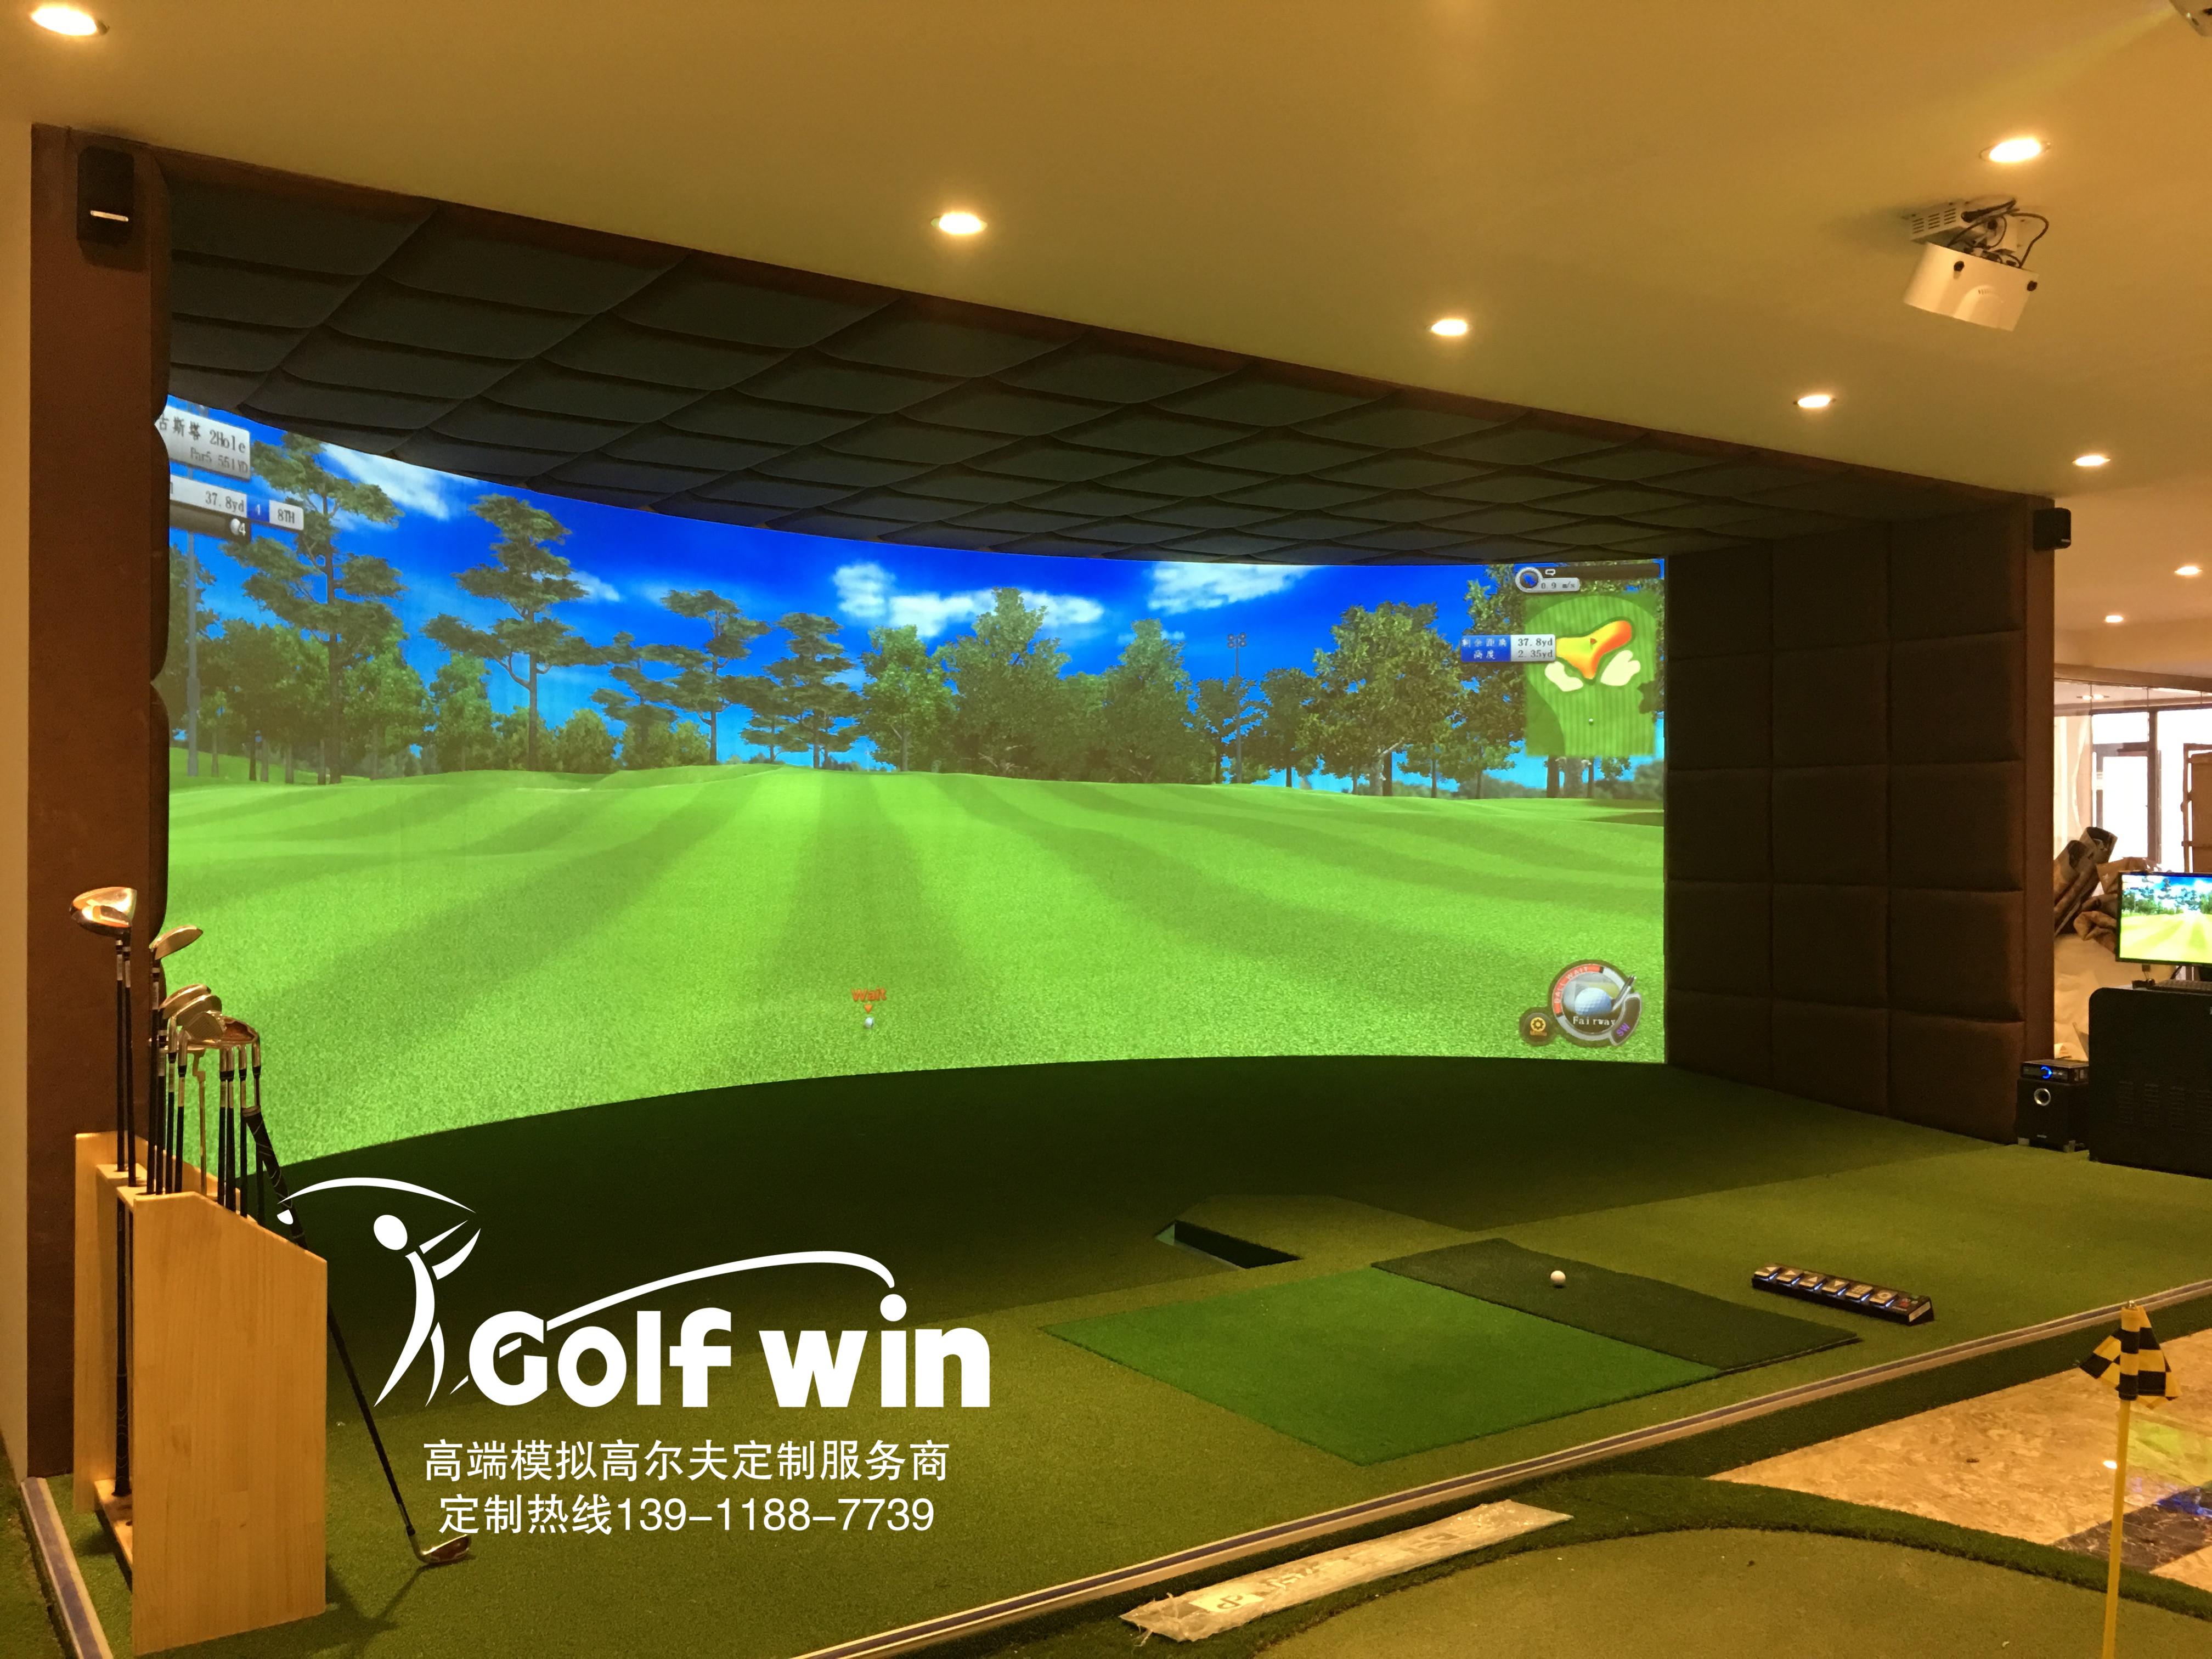 Golfwin/G8 至尊版超清模拟高尔夫